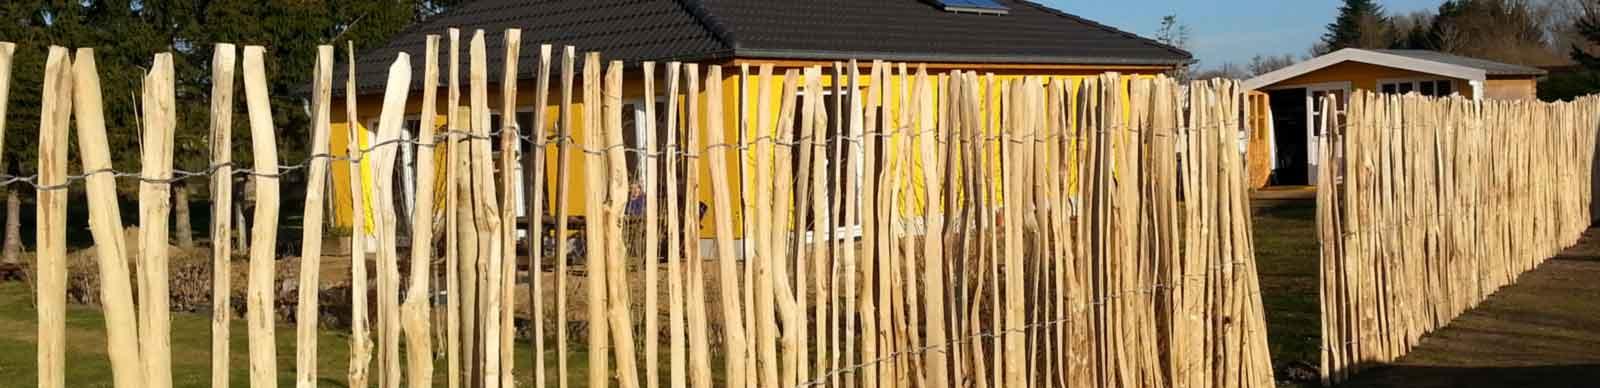 haus garten online shop sichtschutz paravent haselnuss weide bambus kunstrasen. Black Bedroom Furniture Sets. Home Design Ideas